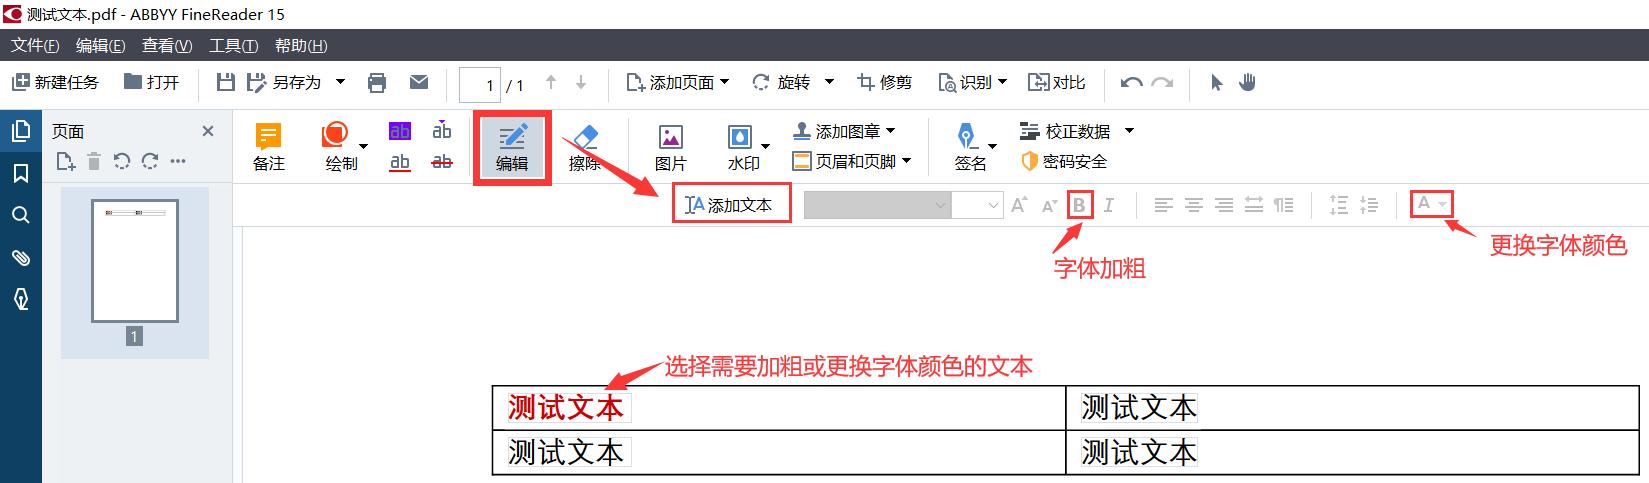 图三:使用ABBYYFinereader15软件为改变PDF文档字体设置